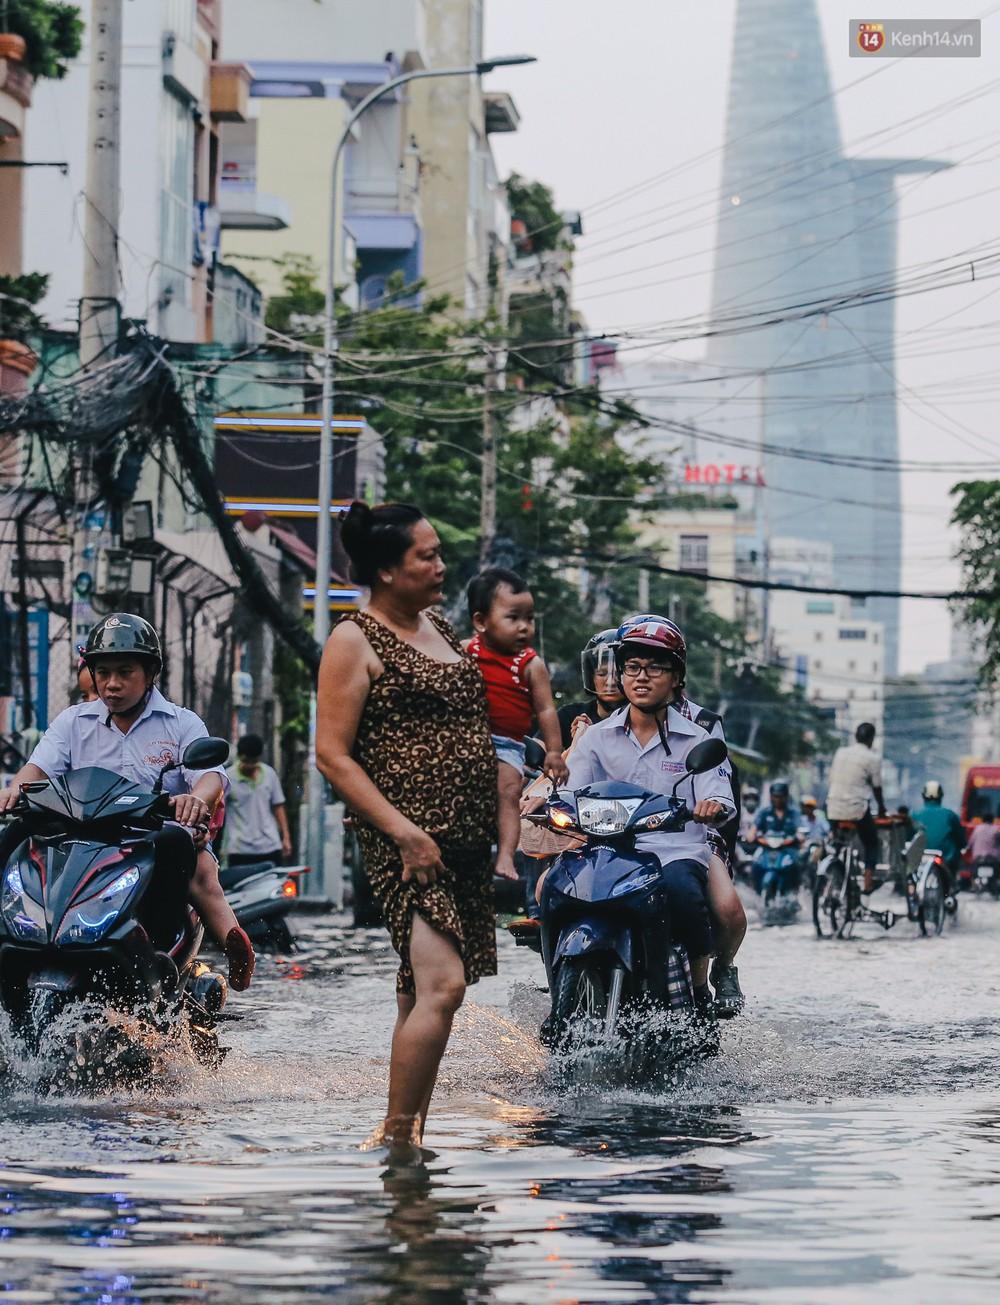 Ảnh: Trung tâm Sài Gòn ngập nước trong ngày triều cường đạt đỉnh, kẹt xe kinh hoàng khắp các ngả đường - Ảnh 2.